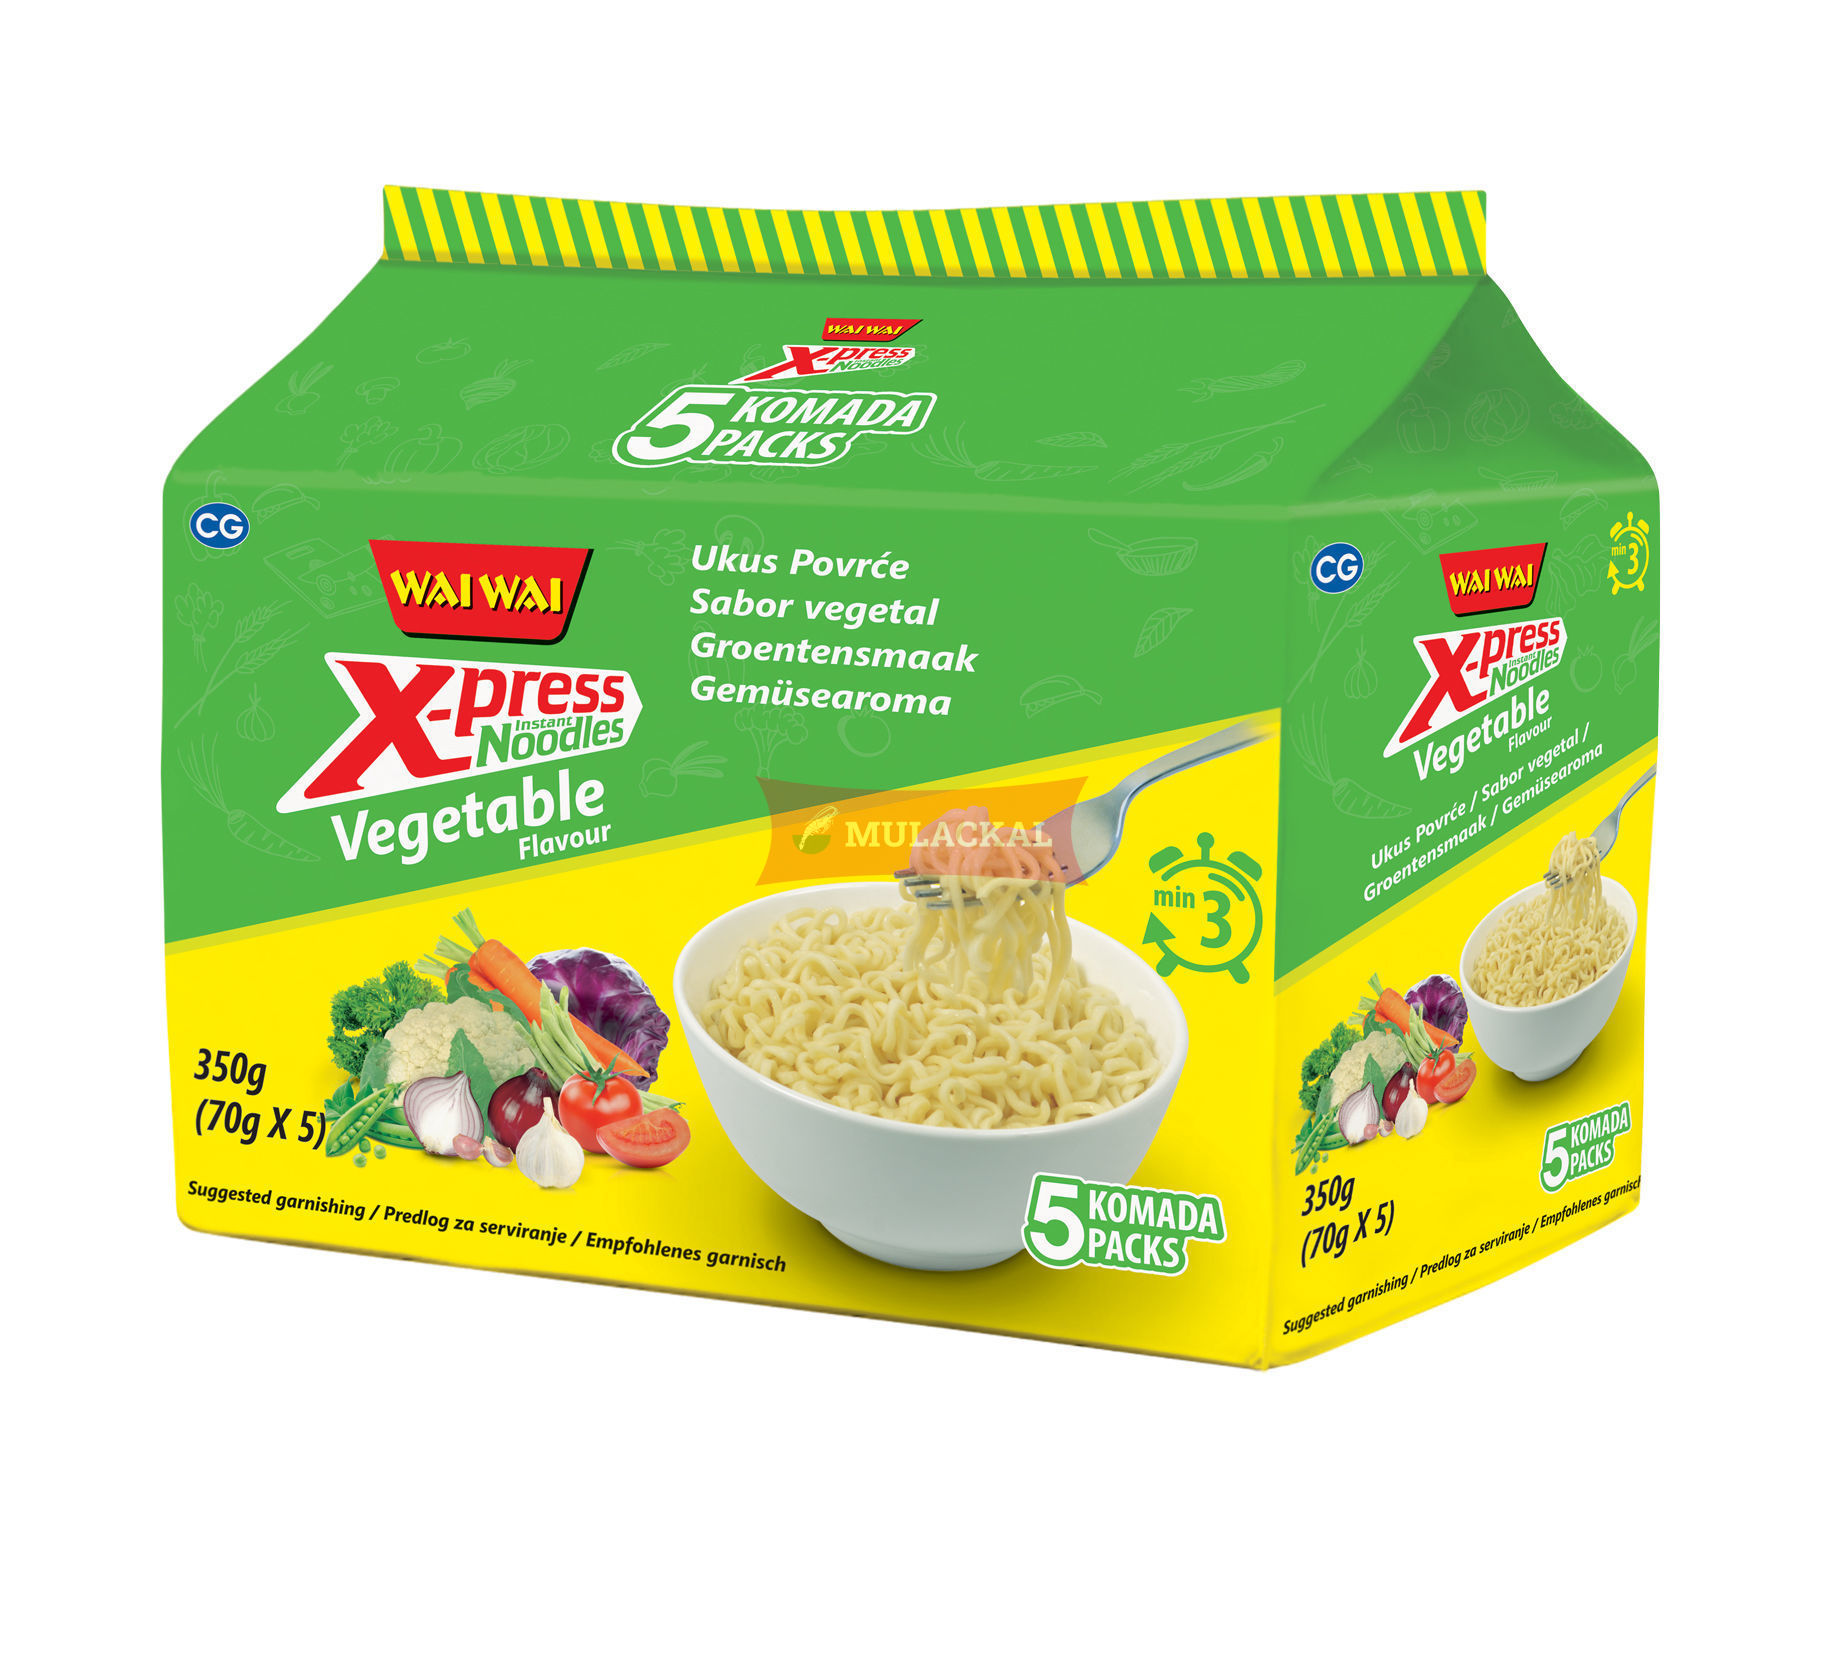 WAI WAI Xpress Vegetable Flavour Instant Noodle 70g